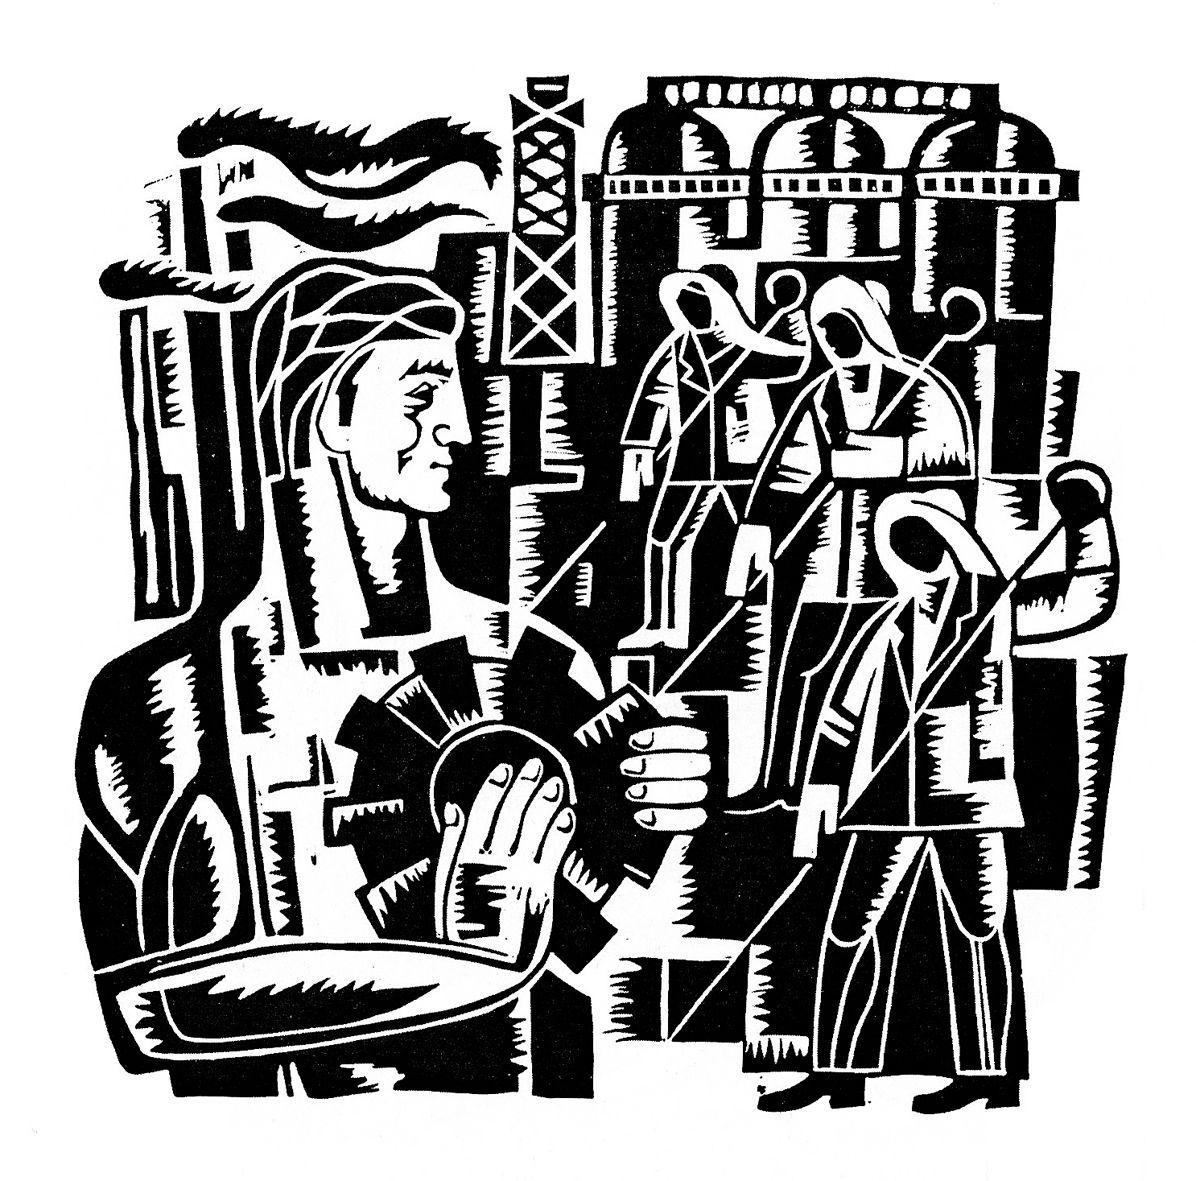 Мирон Яців. Індустрія, 1973, лінорит 37-37